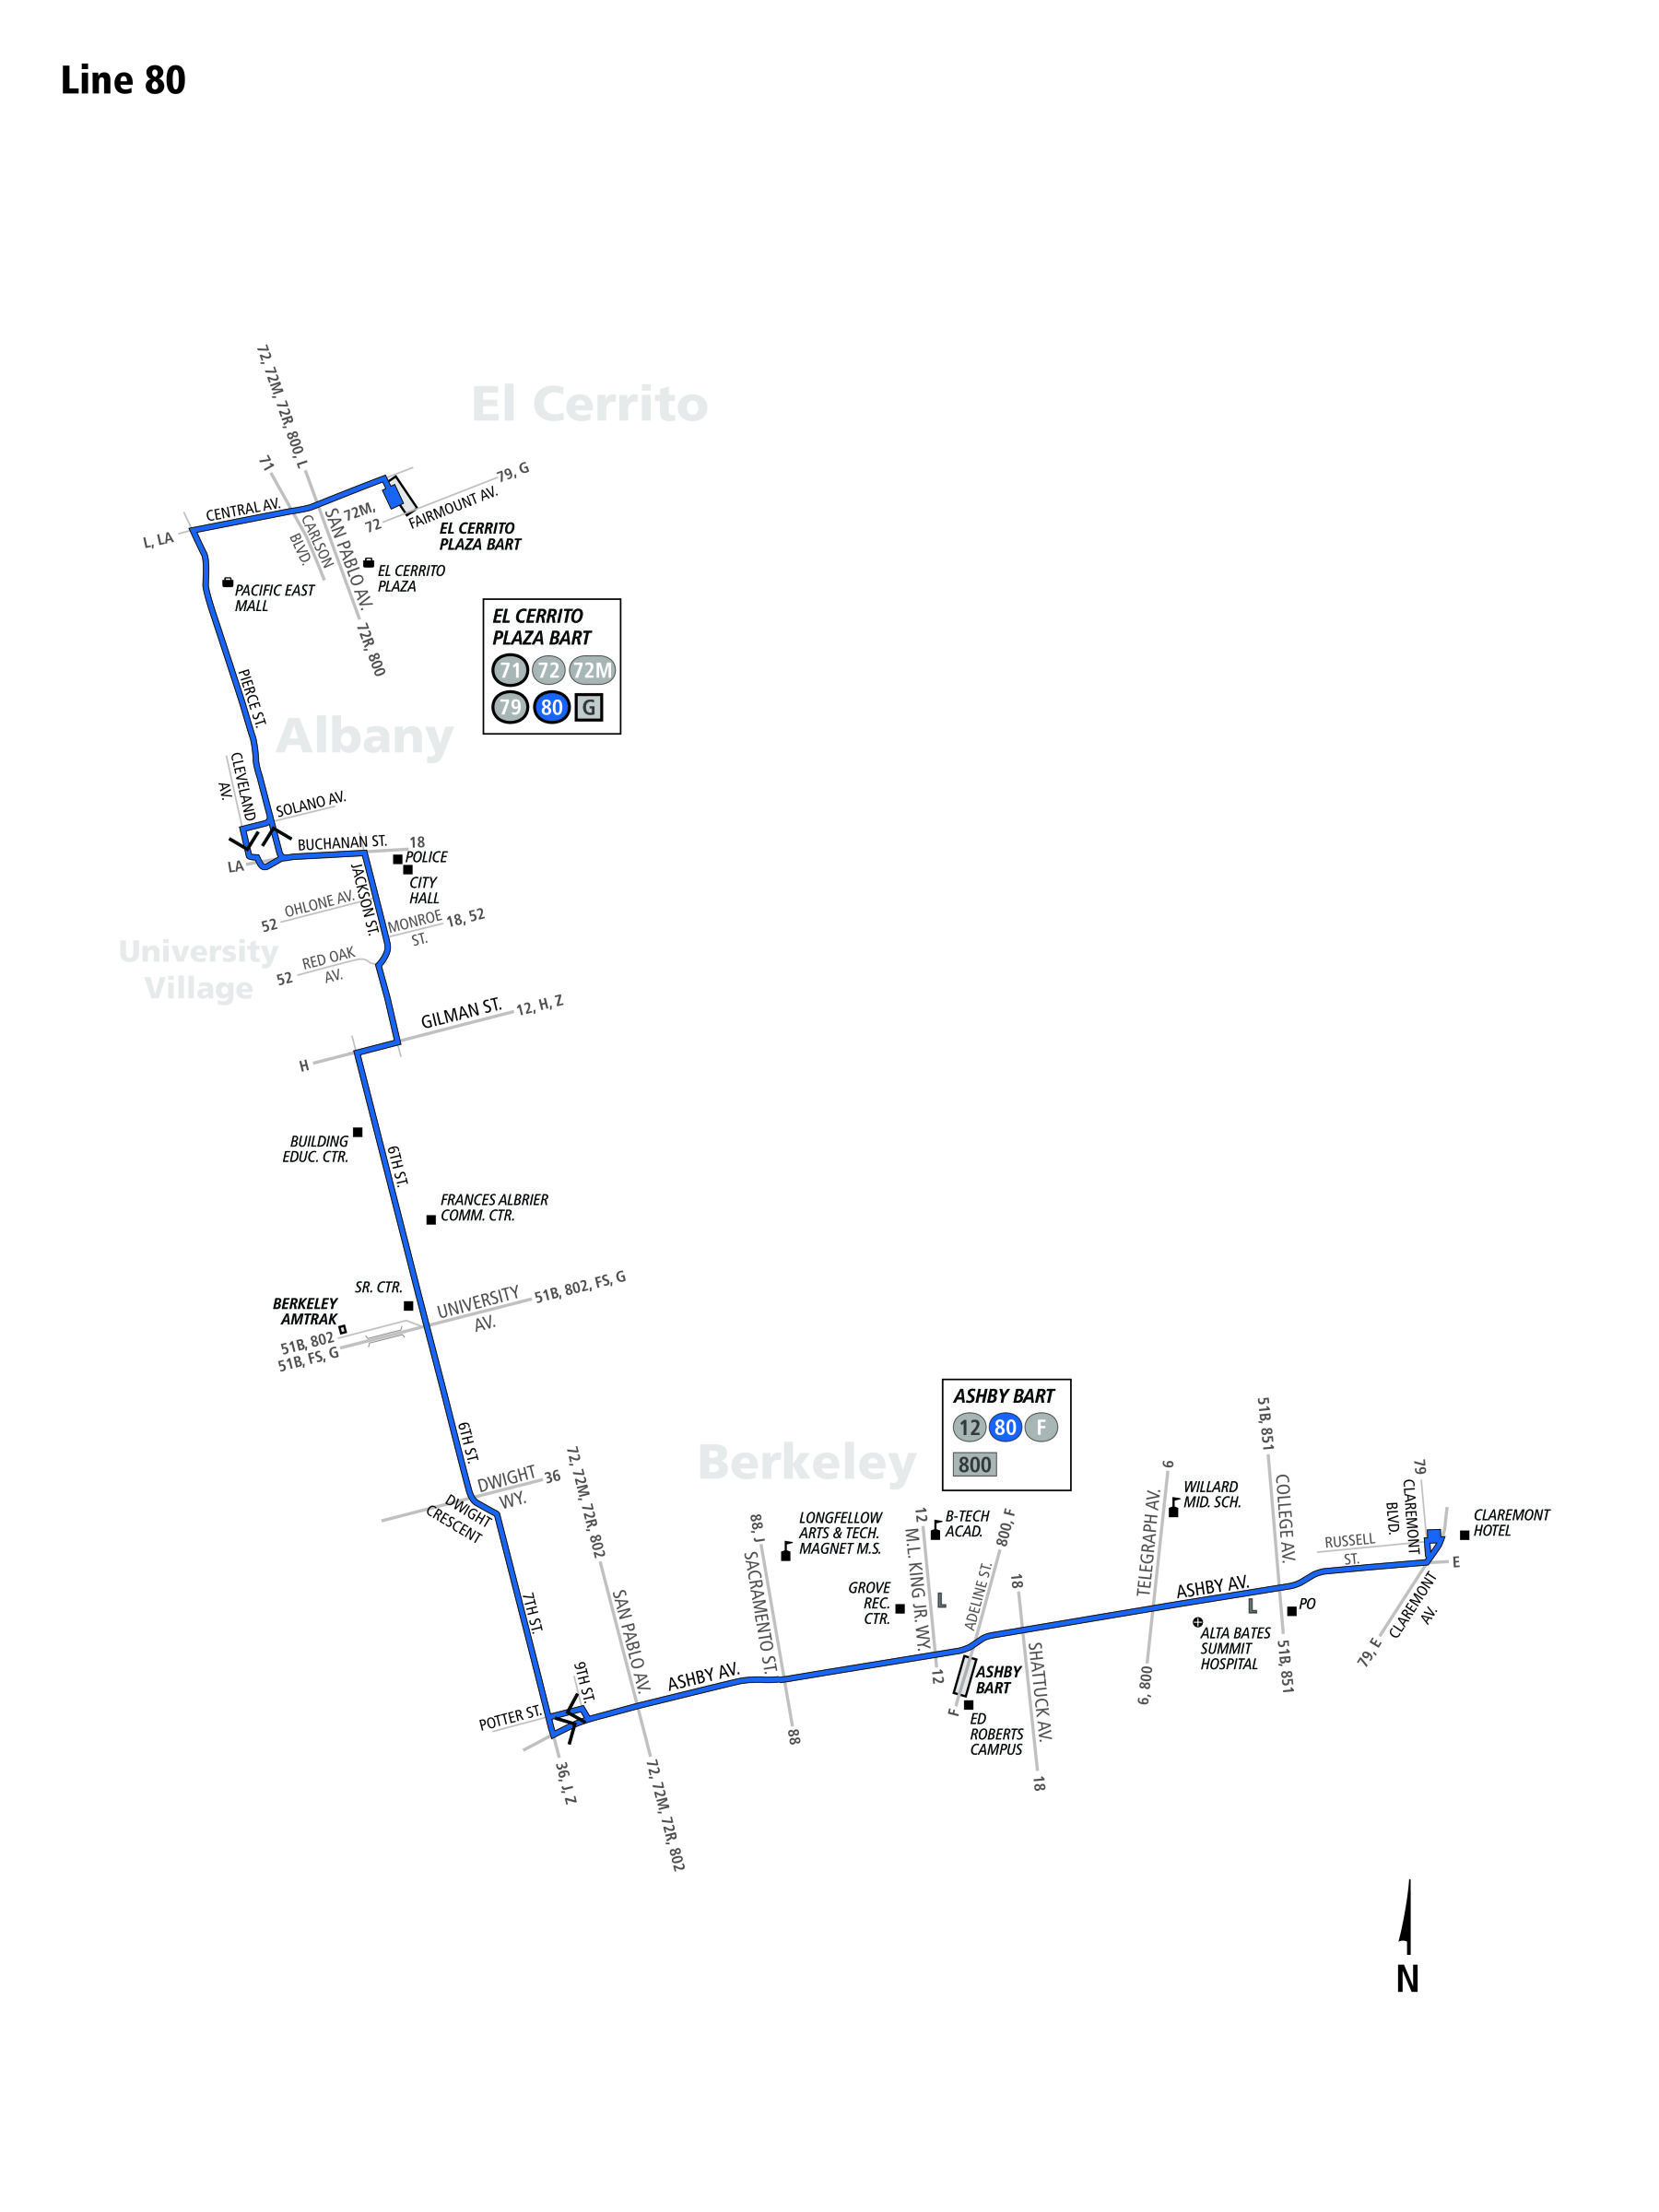 80 Bus Route - AC Transit - SF Bay Transit